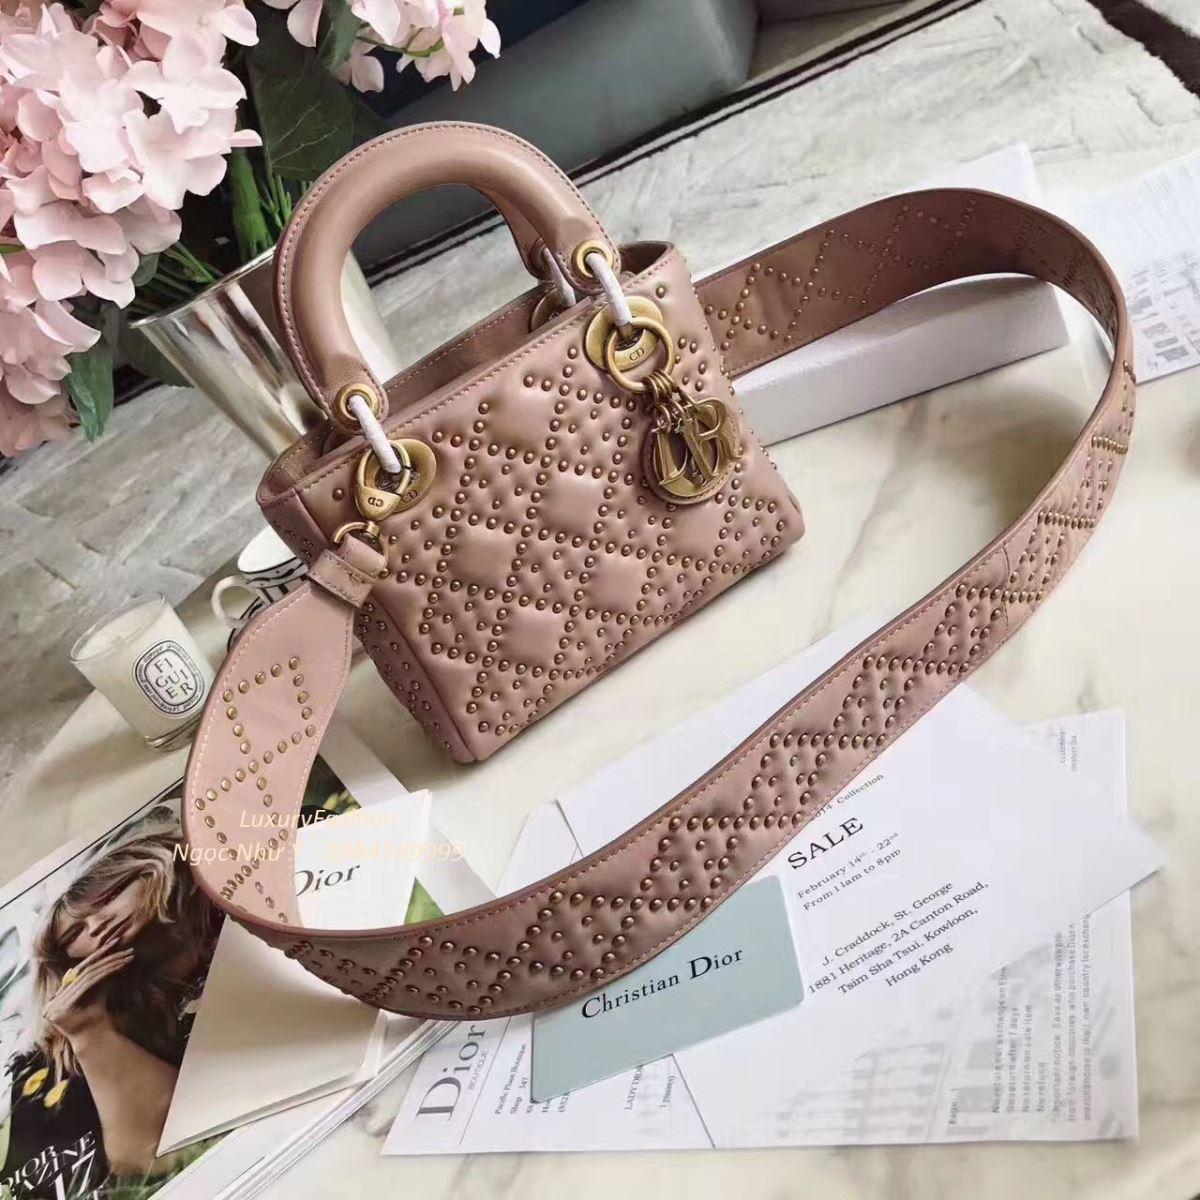 3f5a3130e77f Supple Lady Dior Mini Bag Studded Lambskin